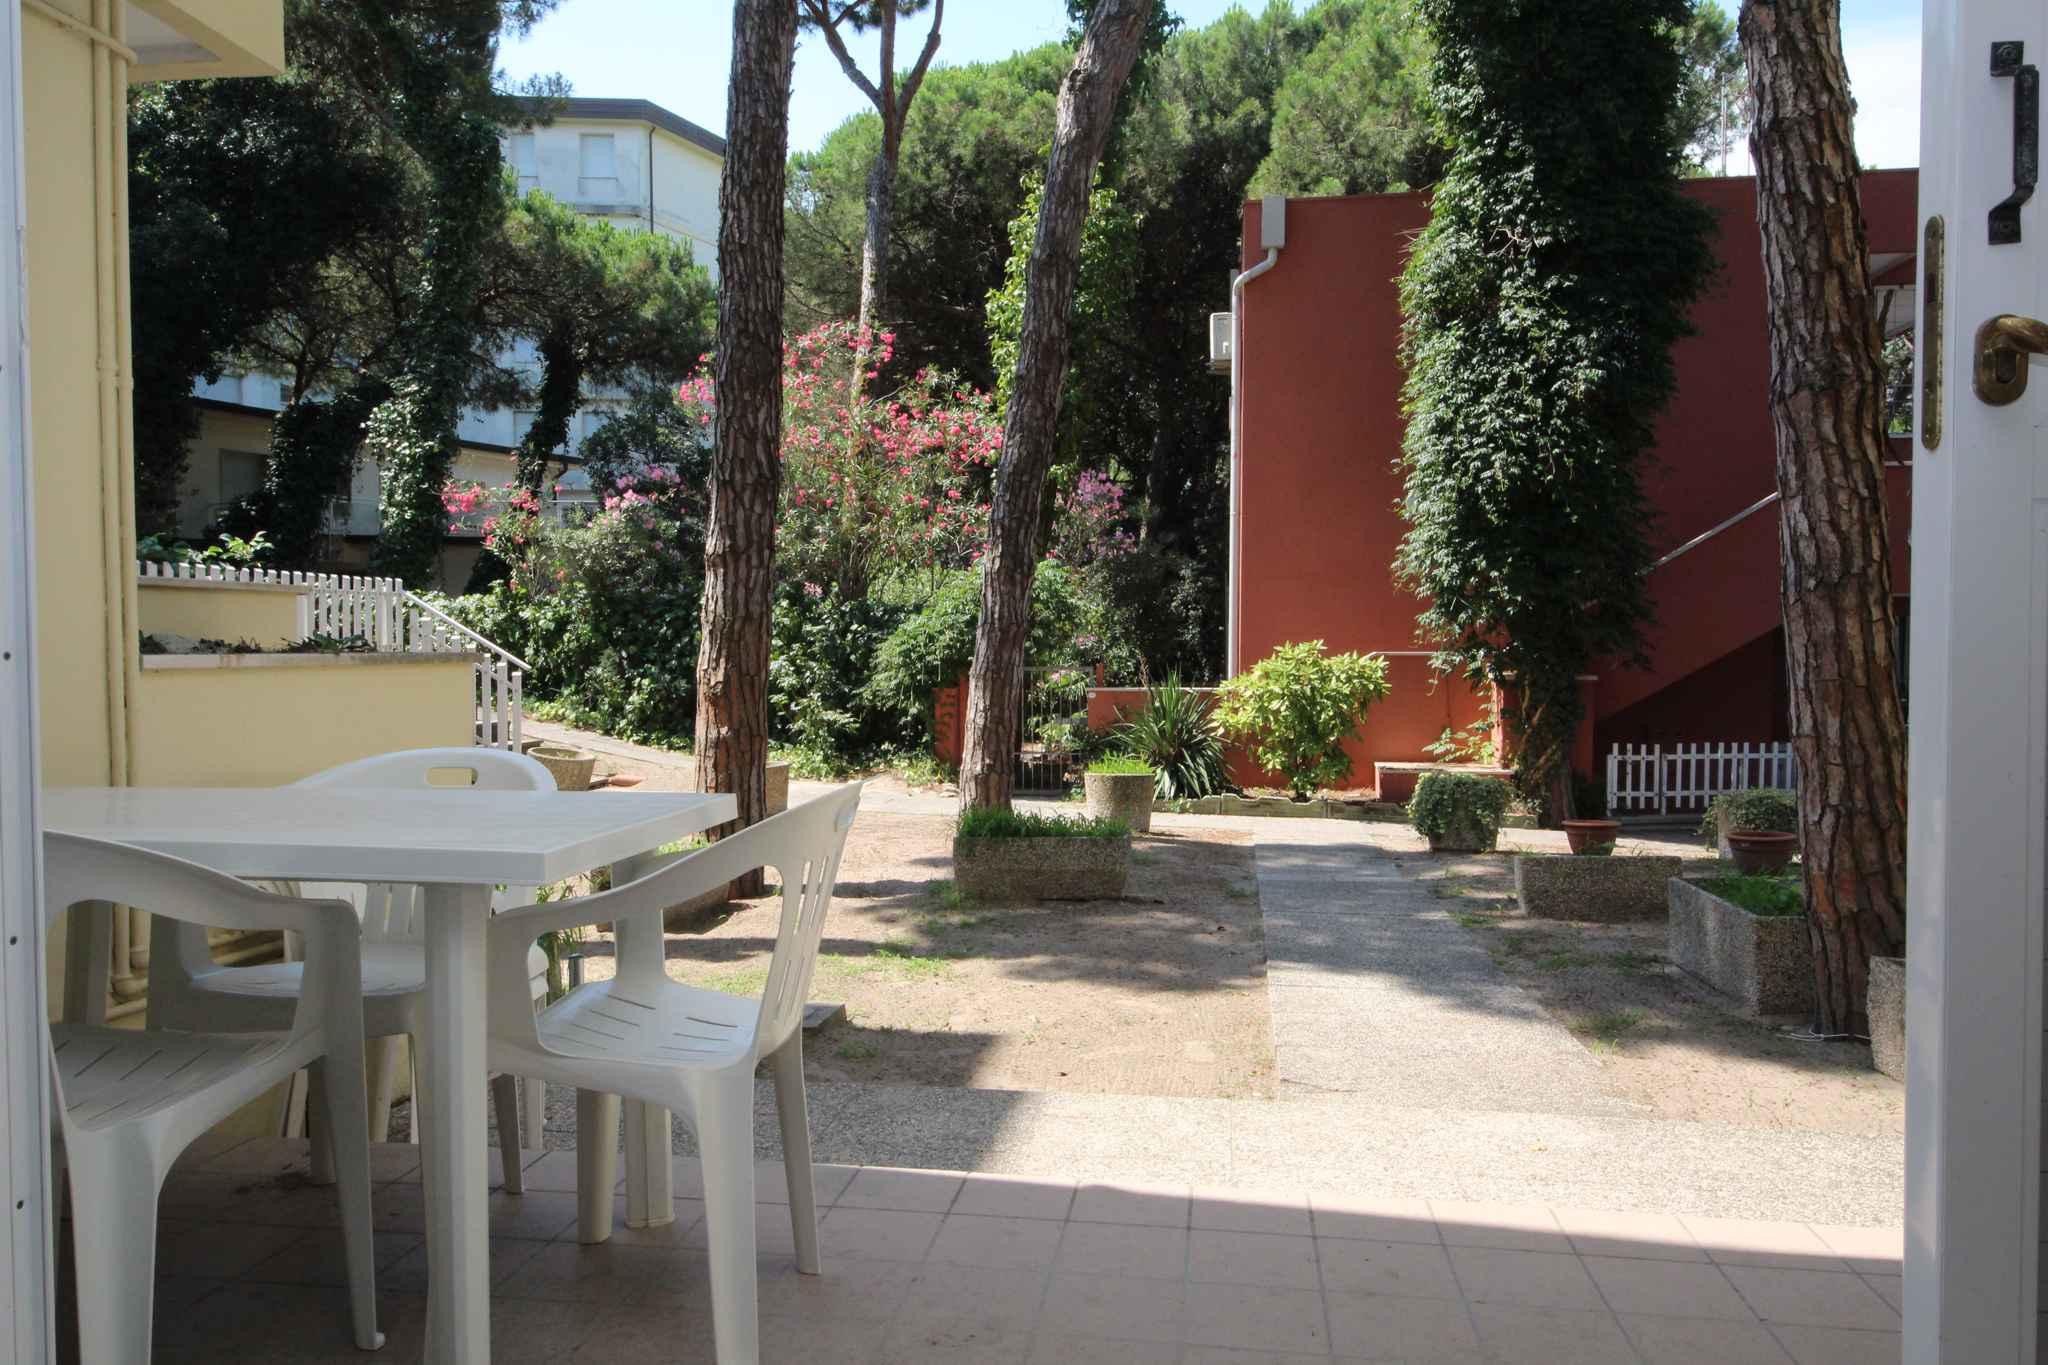 Ferienwohnung con terrazza o balcone (284301), Rosolina Mare, Rovigo, Venetien, Italien, Bild 4